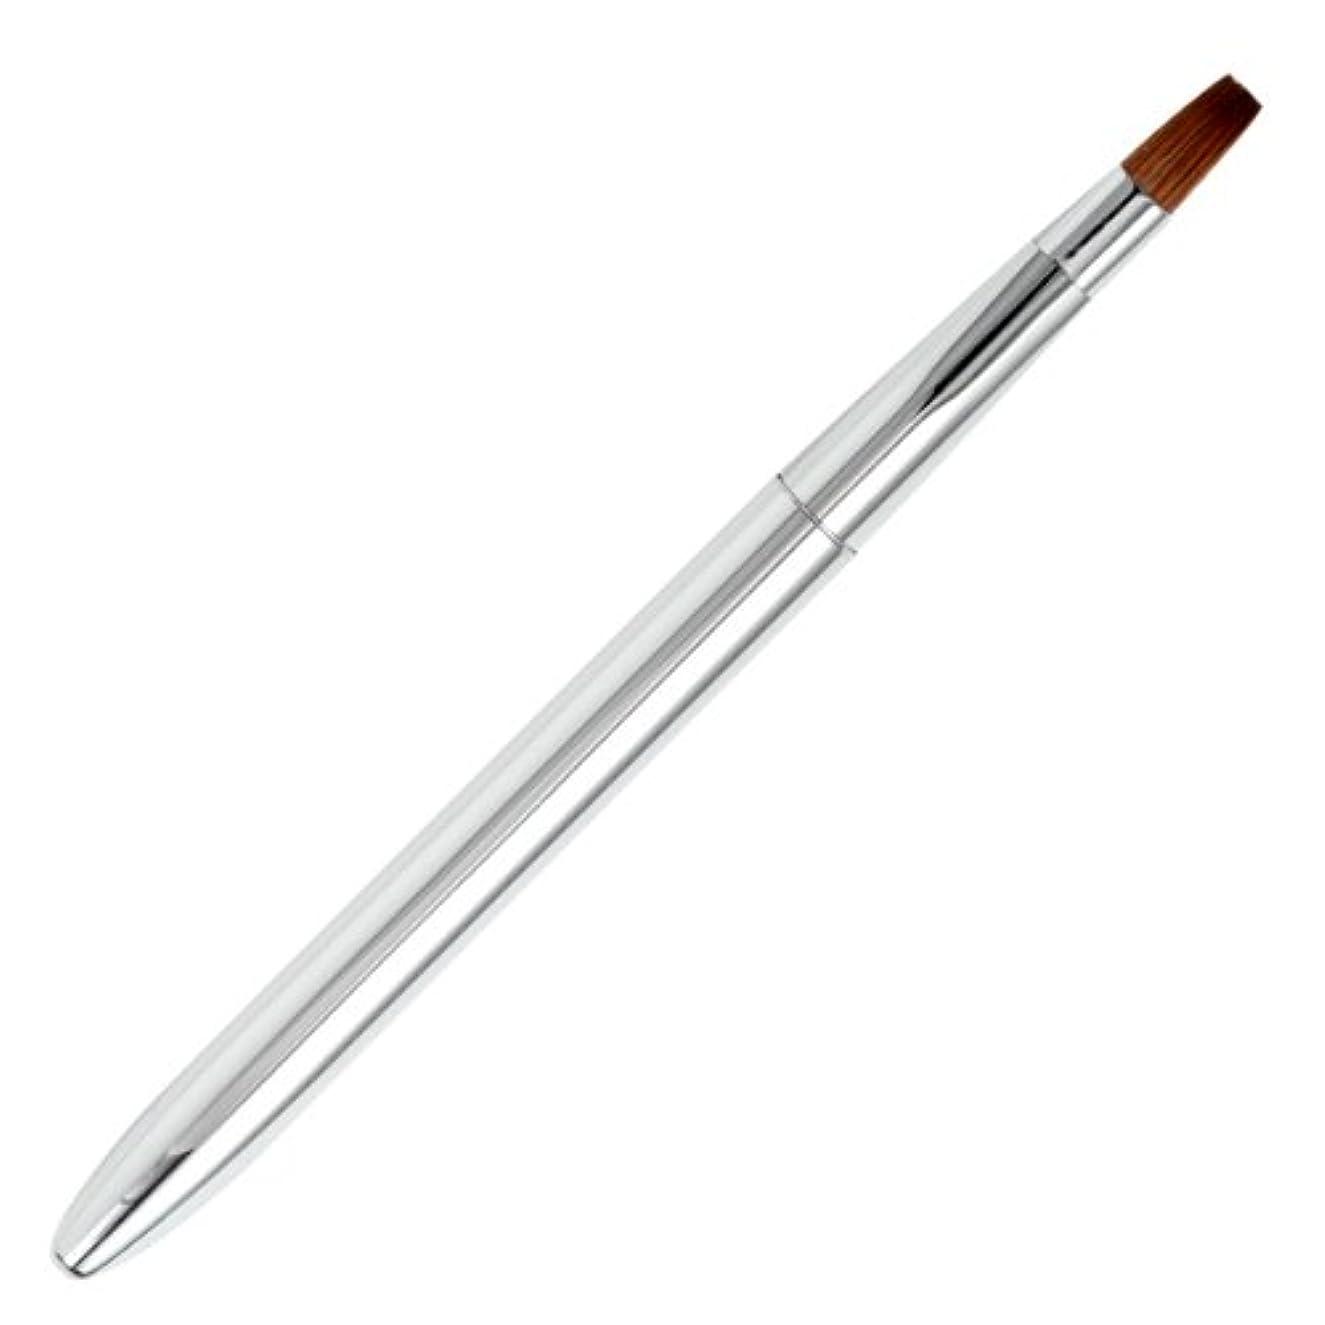 オーブン酸っぱいふつう広島熊野筆 オートリップブラシ 毛質 コリンスキー